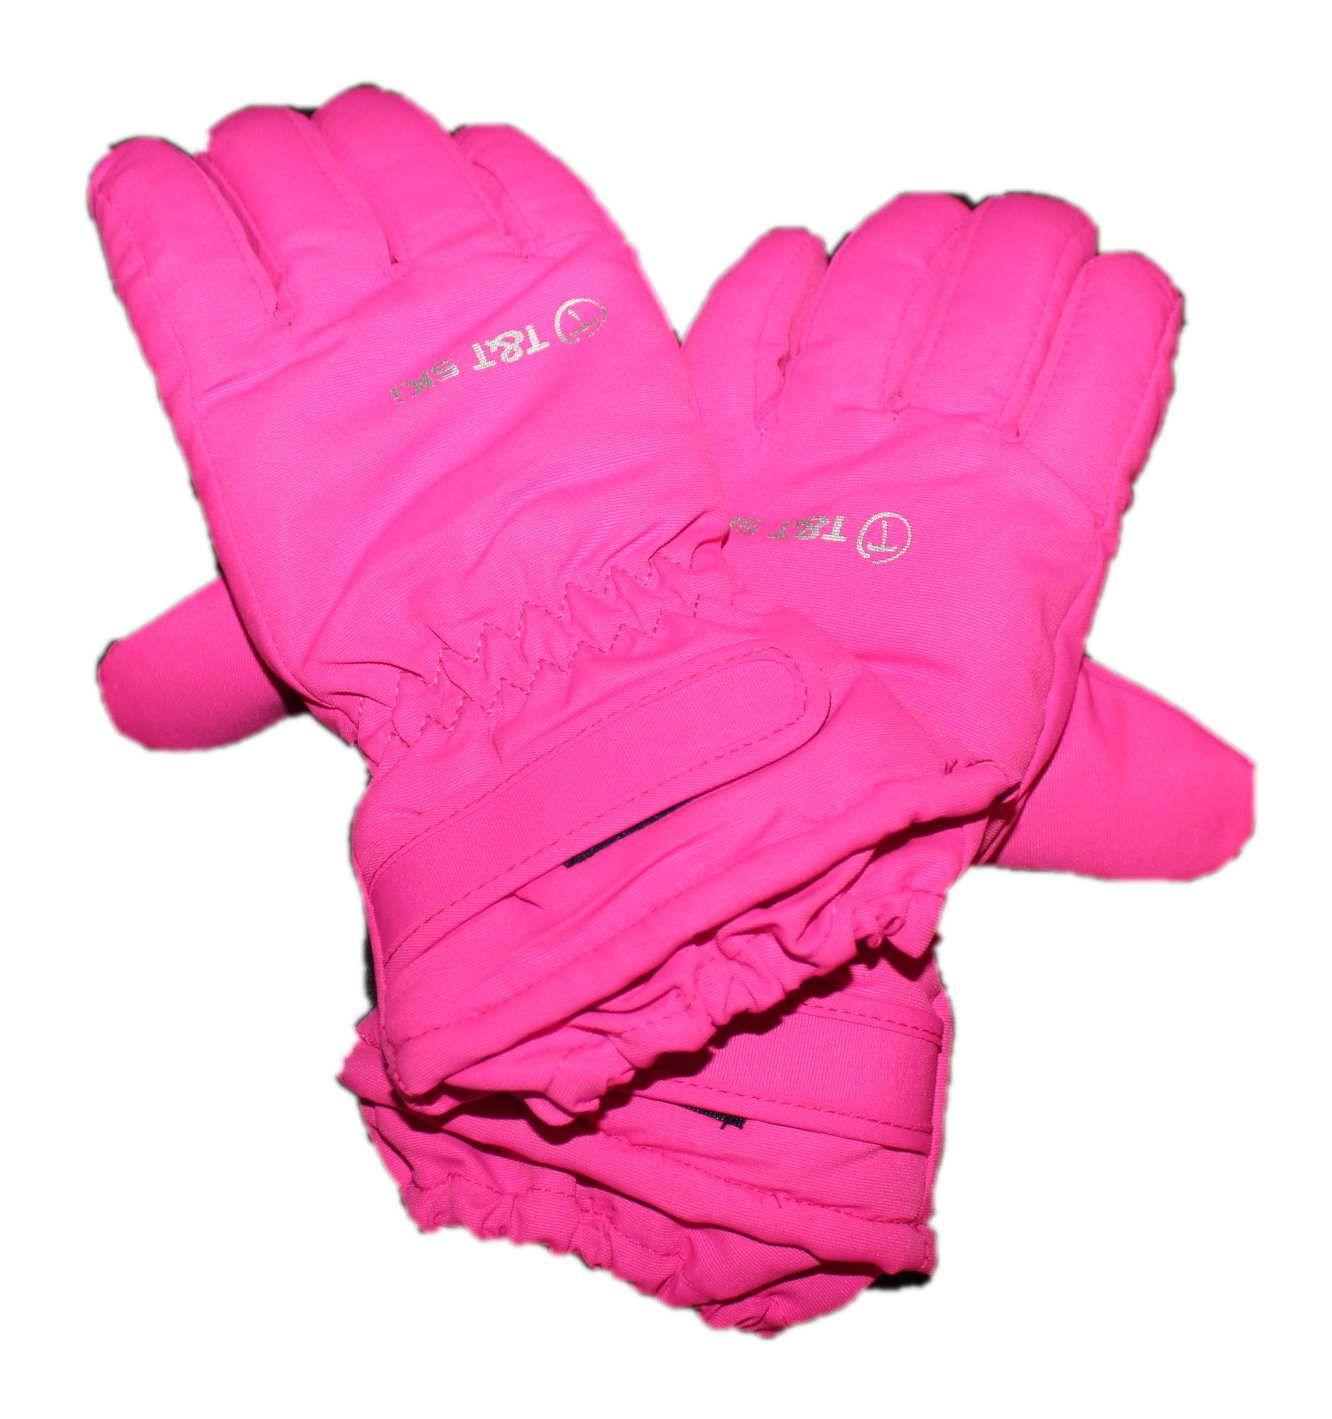 Dětské zimní lyžařské rukavice, lyžařské prstové rukavice T&T SKI